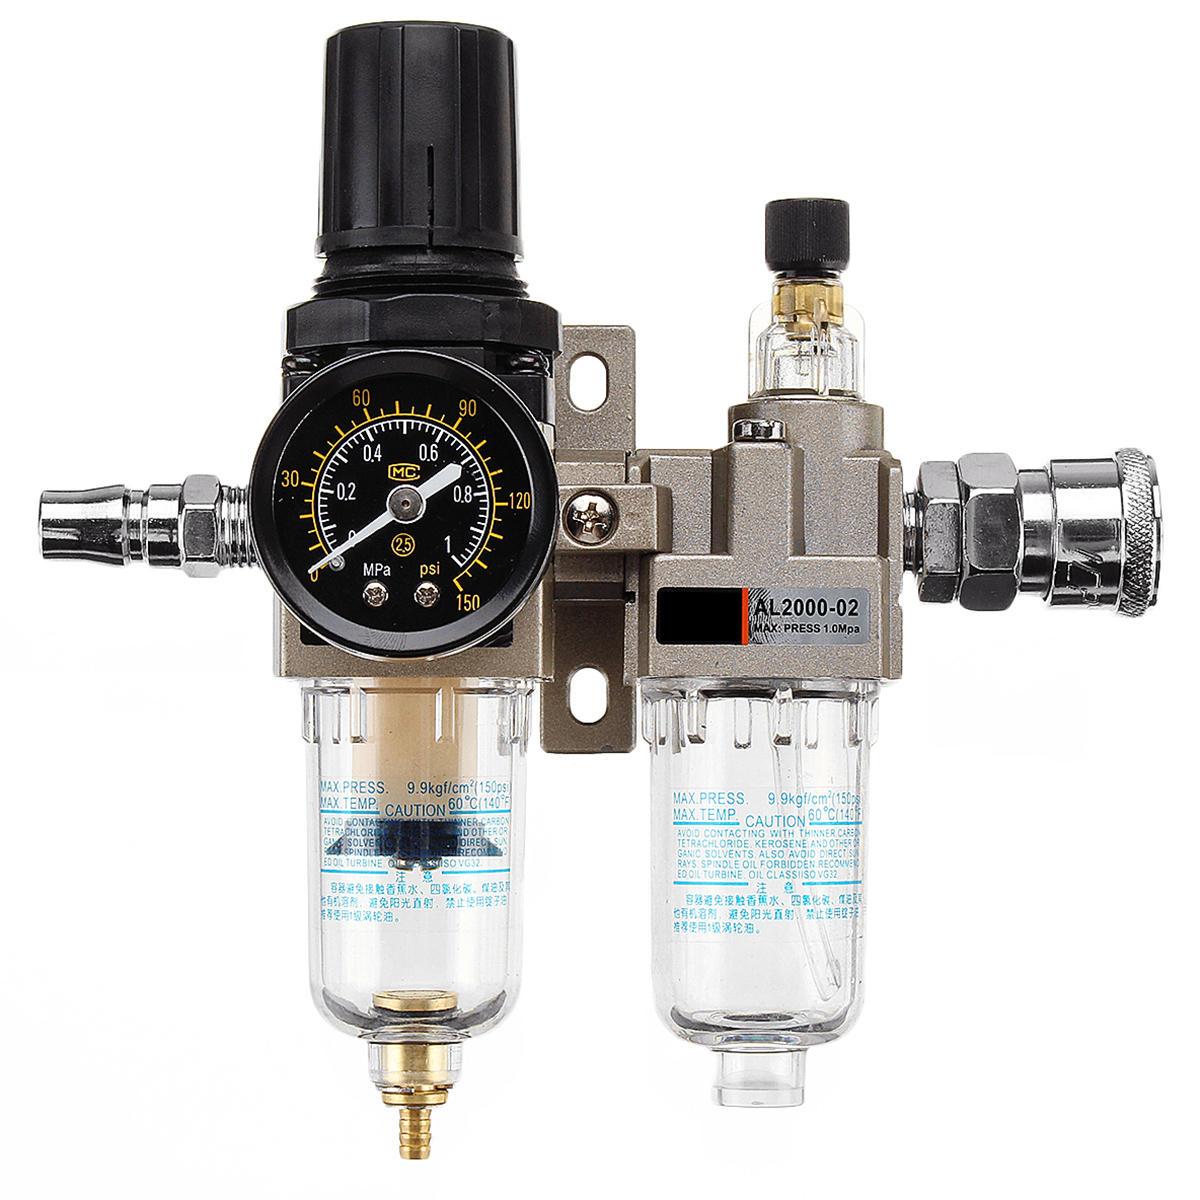 [21.99] 150Psi Manual Pneumatic Air Pressure Filter